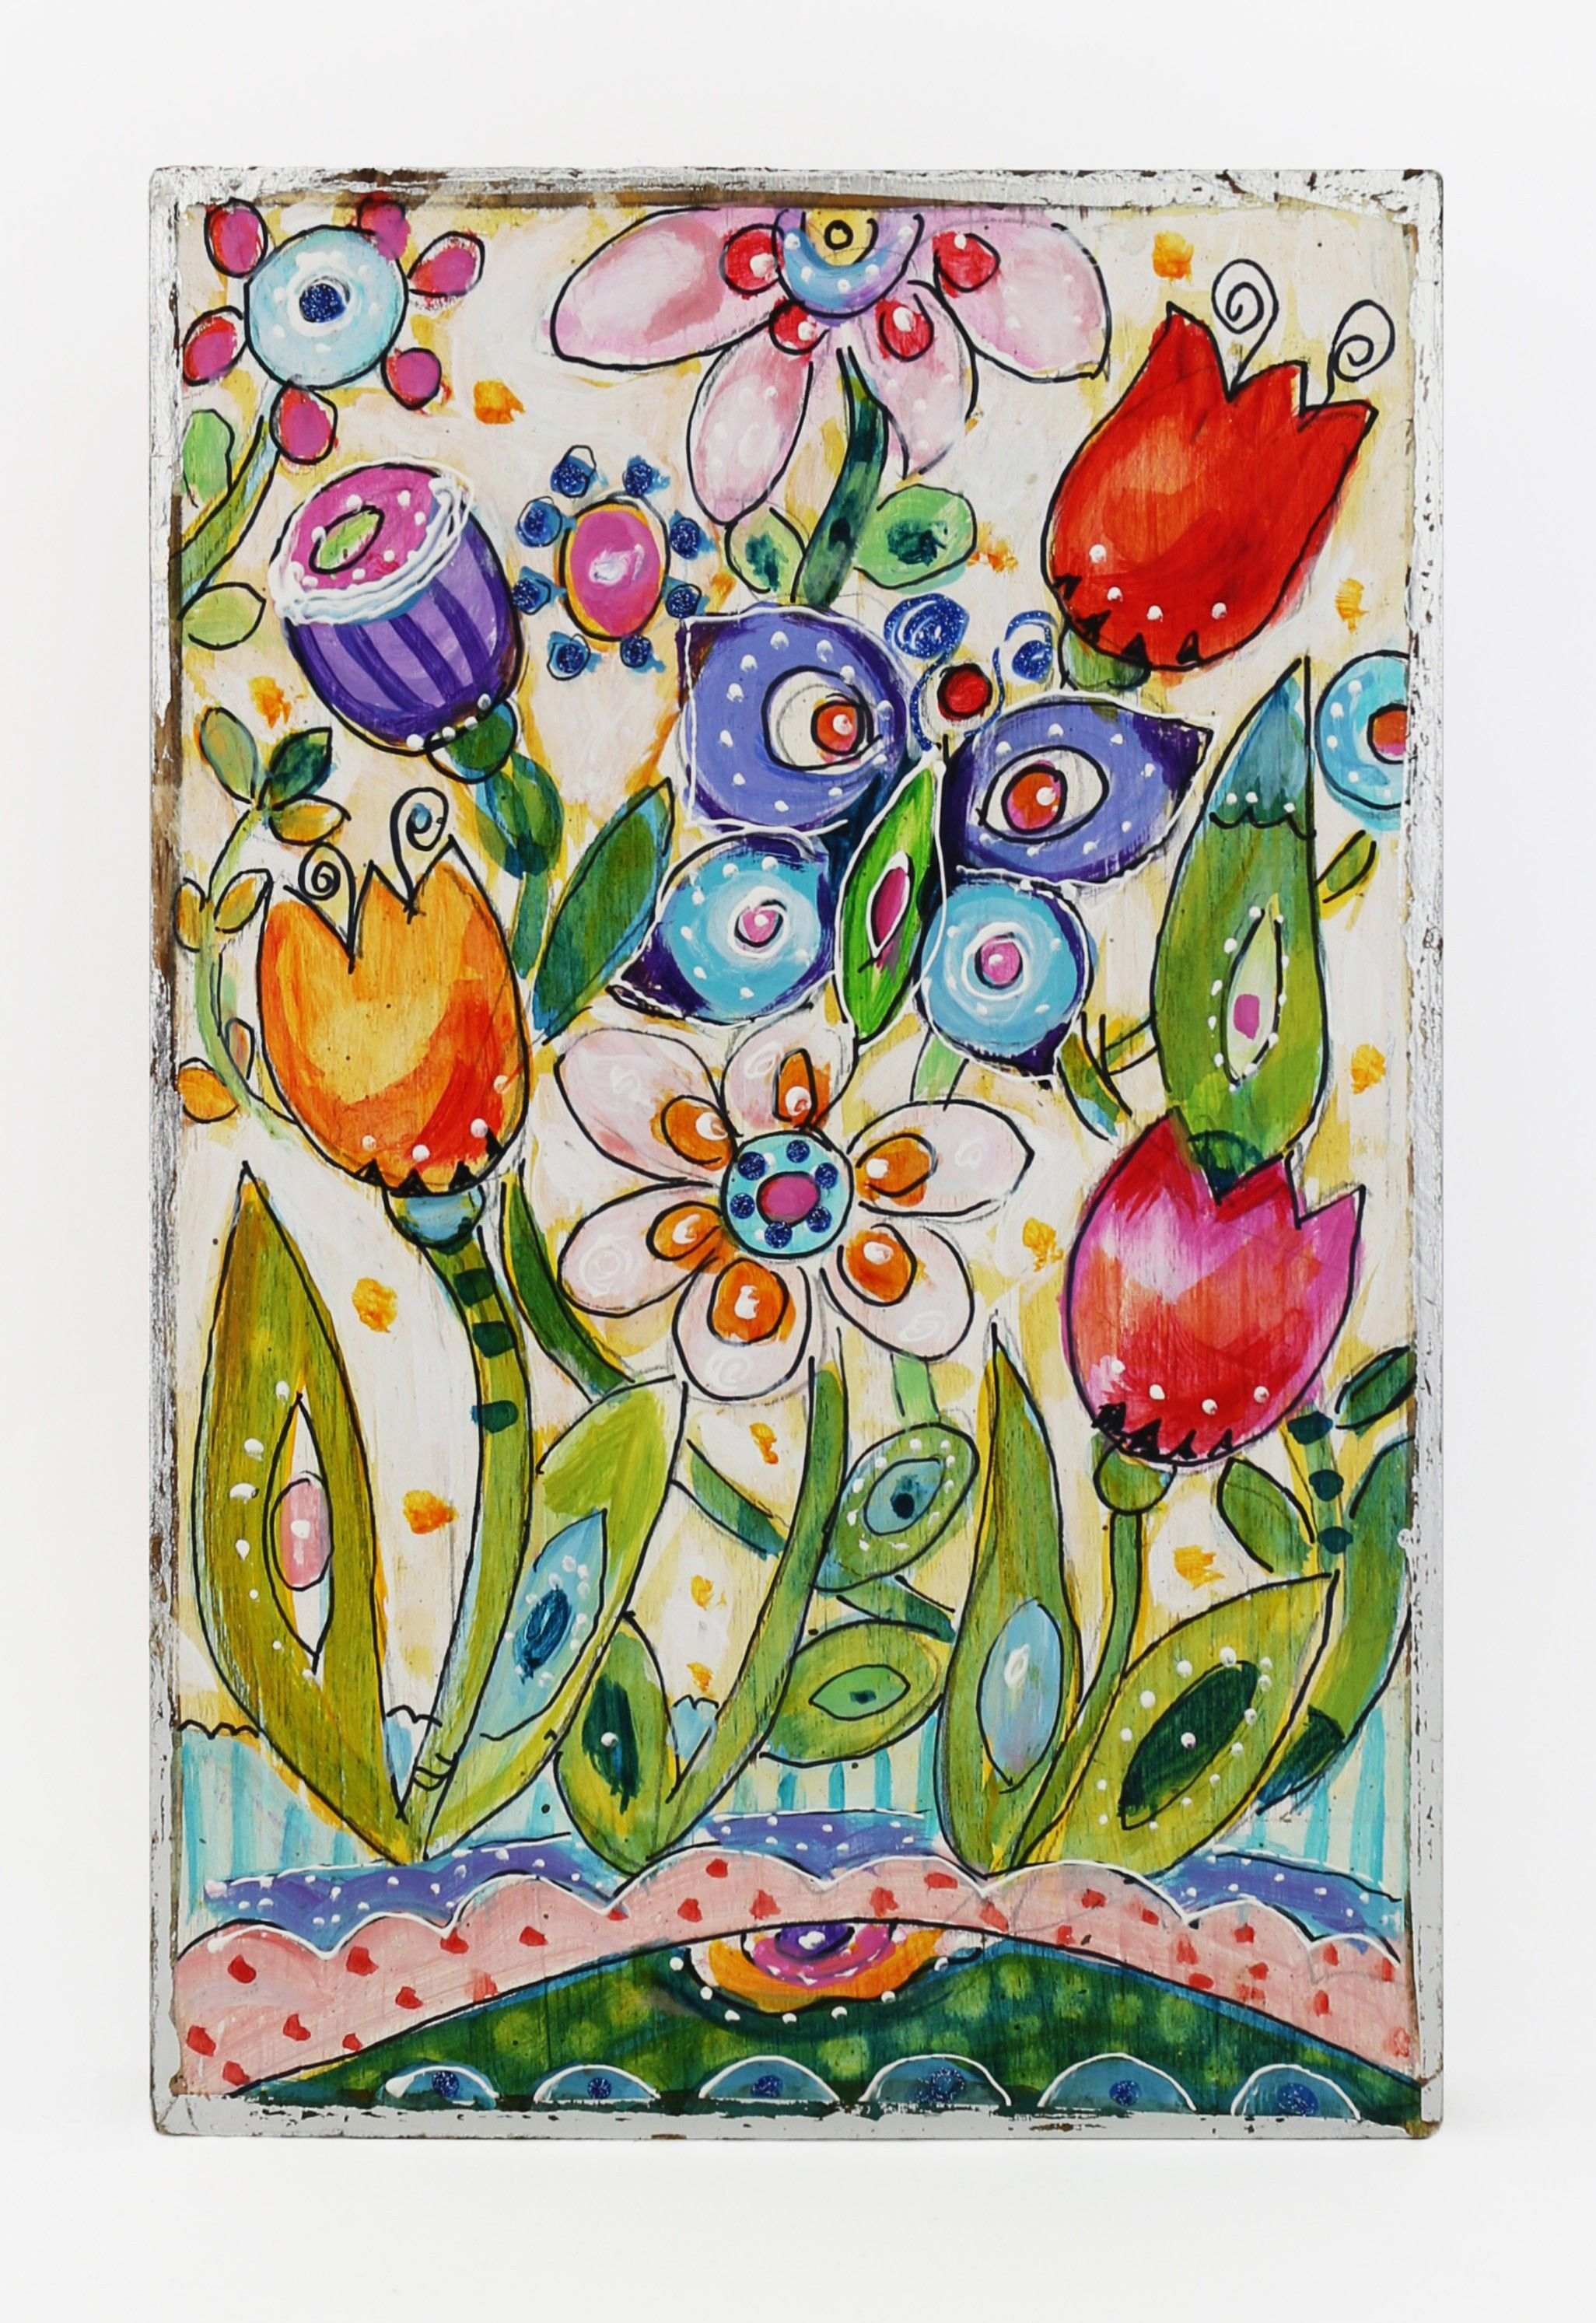 Картинка с цветя - Арт магазин за подаръци, картини, икони, сервизи,  керамика